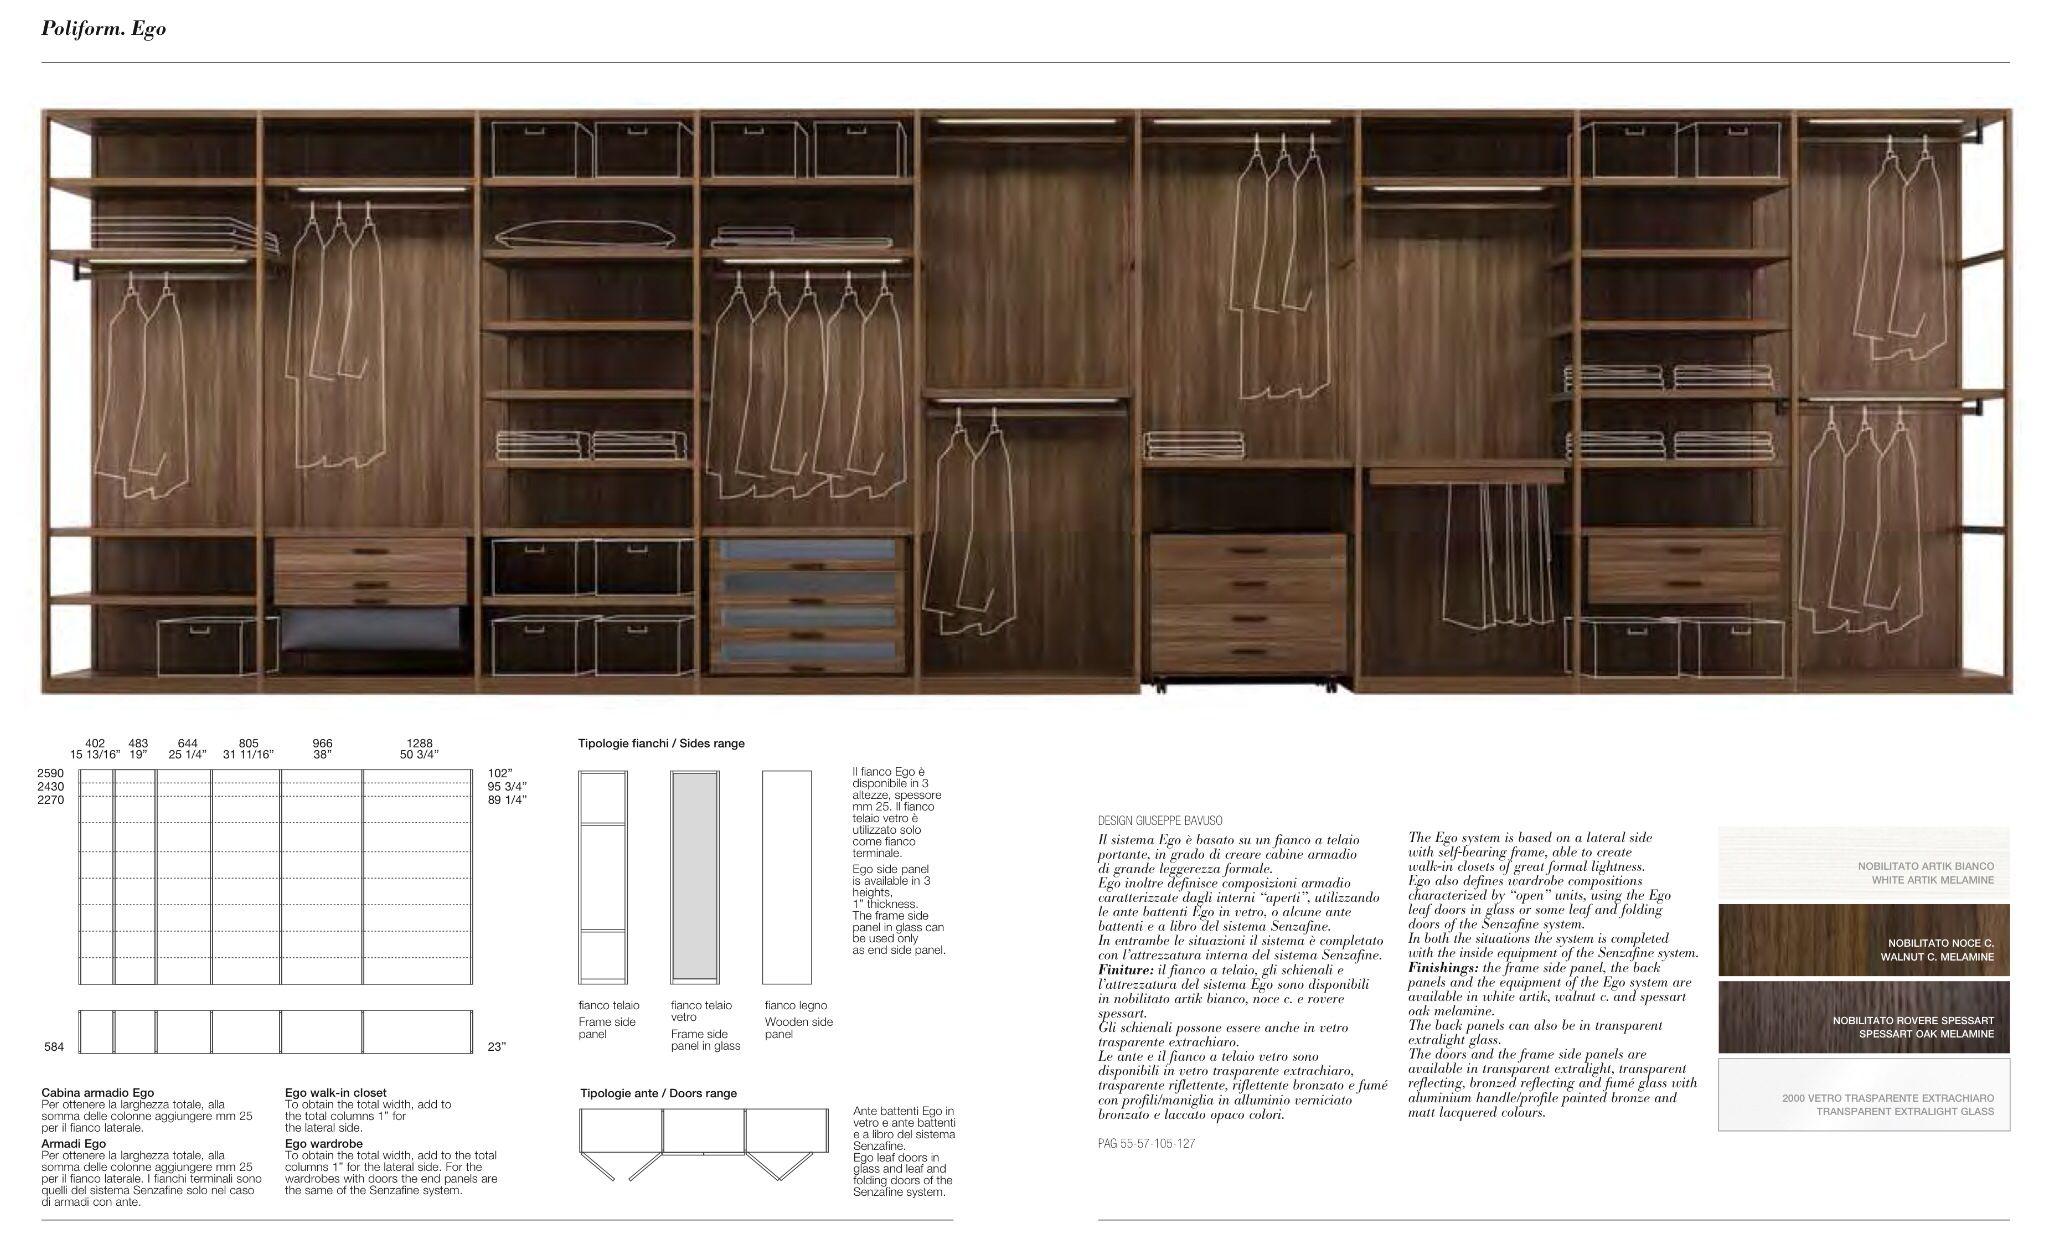 Cabina Armadio Ego Poliform : Poliform design details gardrób